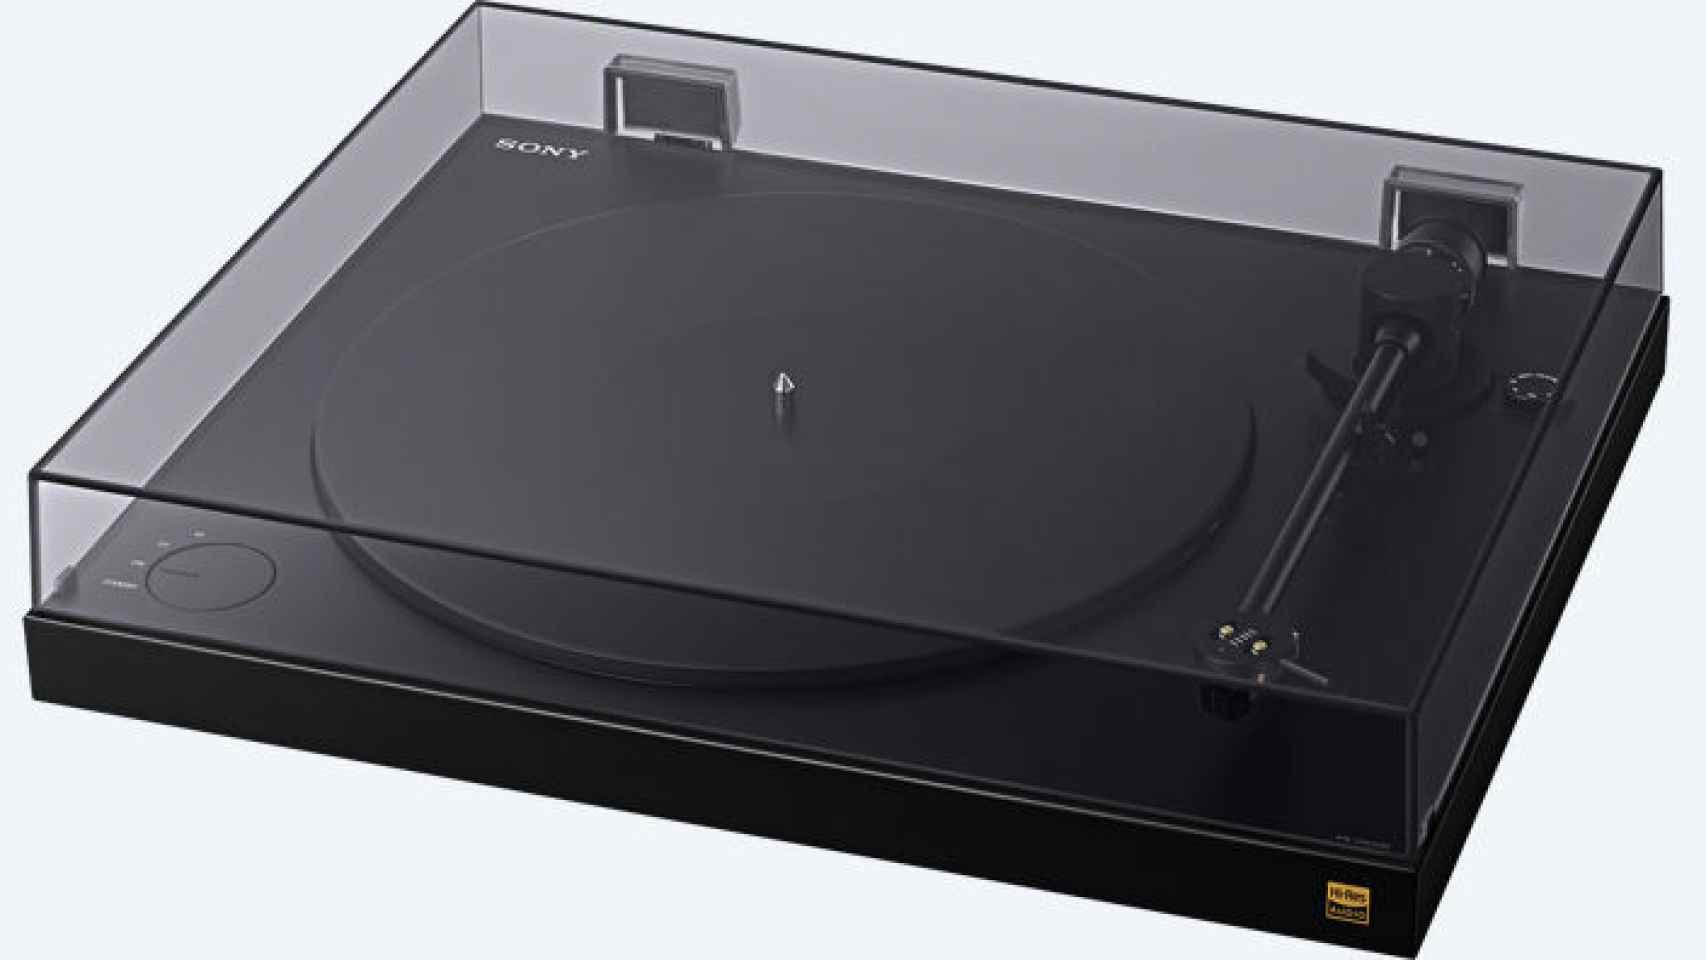 Sony presentó su nuevo tocadiscos a principios año en el CES de Las Vegas.